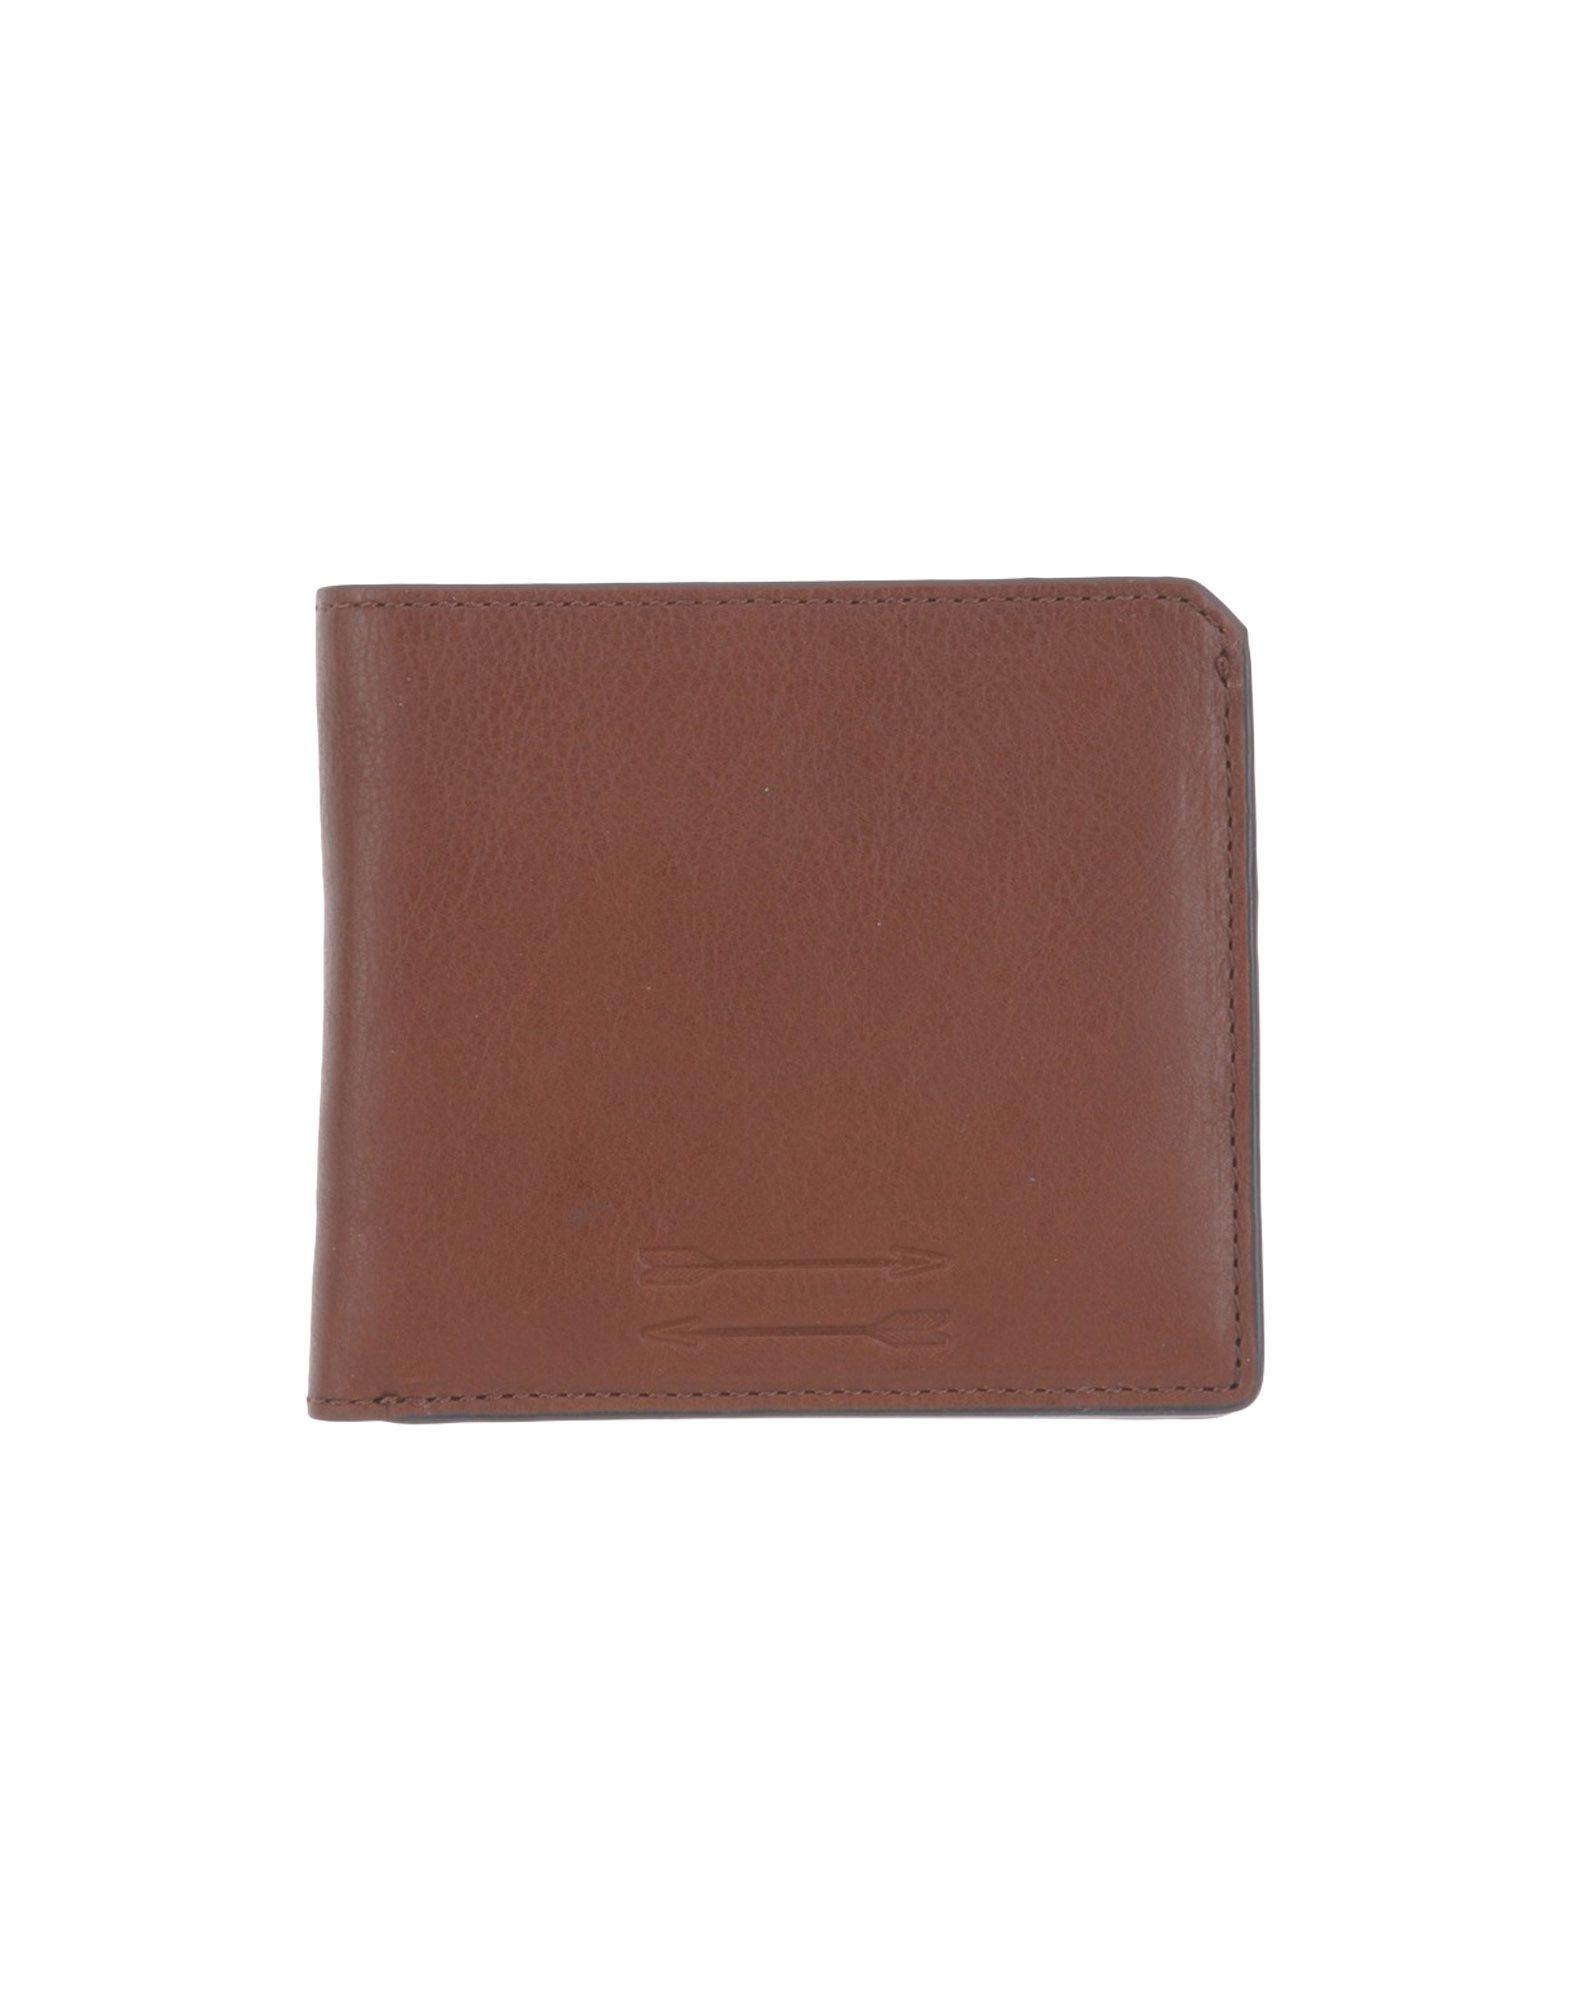 URI MINKOFF Бумажник сумка rebecca minkoff rebecca minkoff re035bwoau95